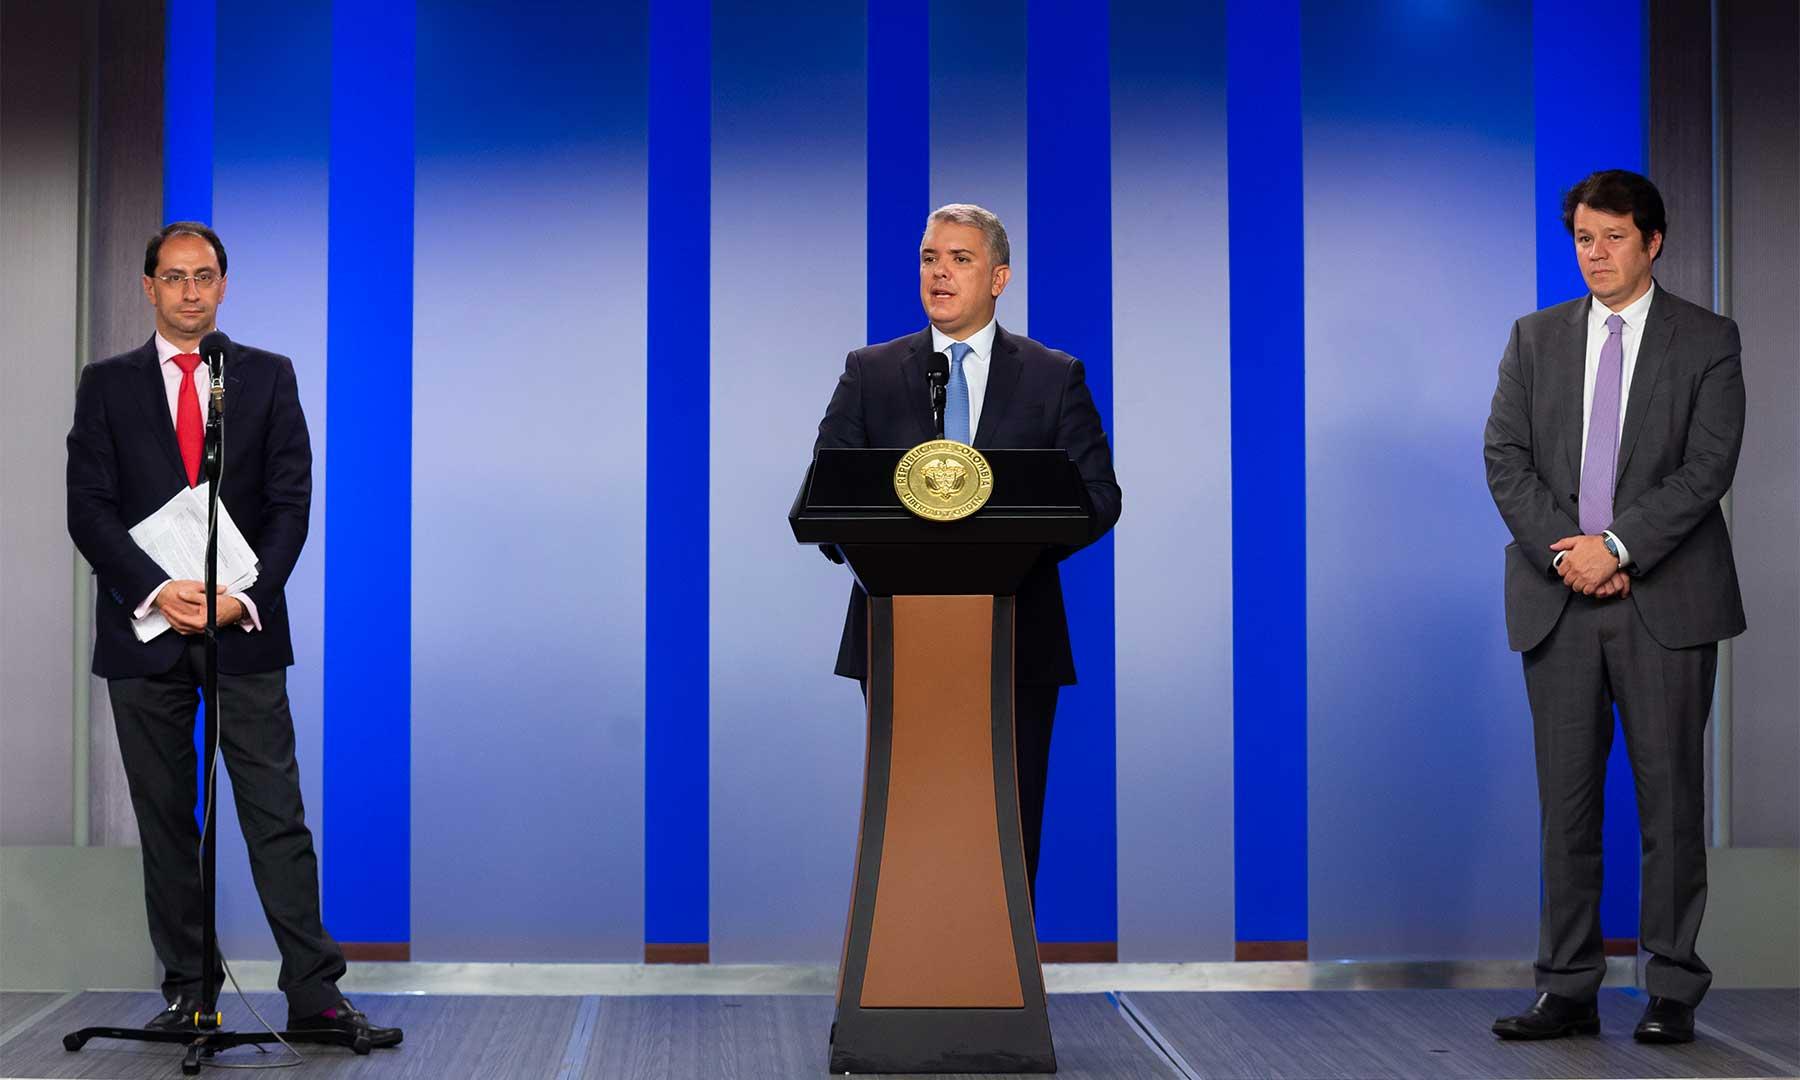 Por pandemia del coronavirus, Presidente Iván Duque anuncia un paquete de medidas económicas para mitigar efectos en los sectores de turismo y aviación